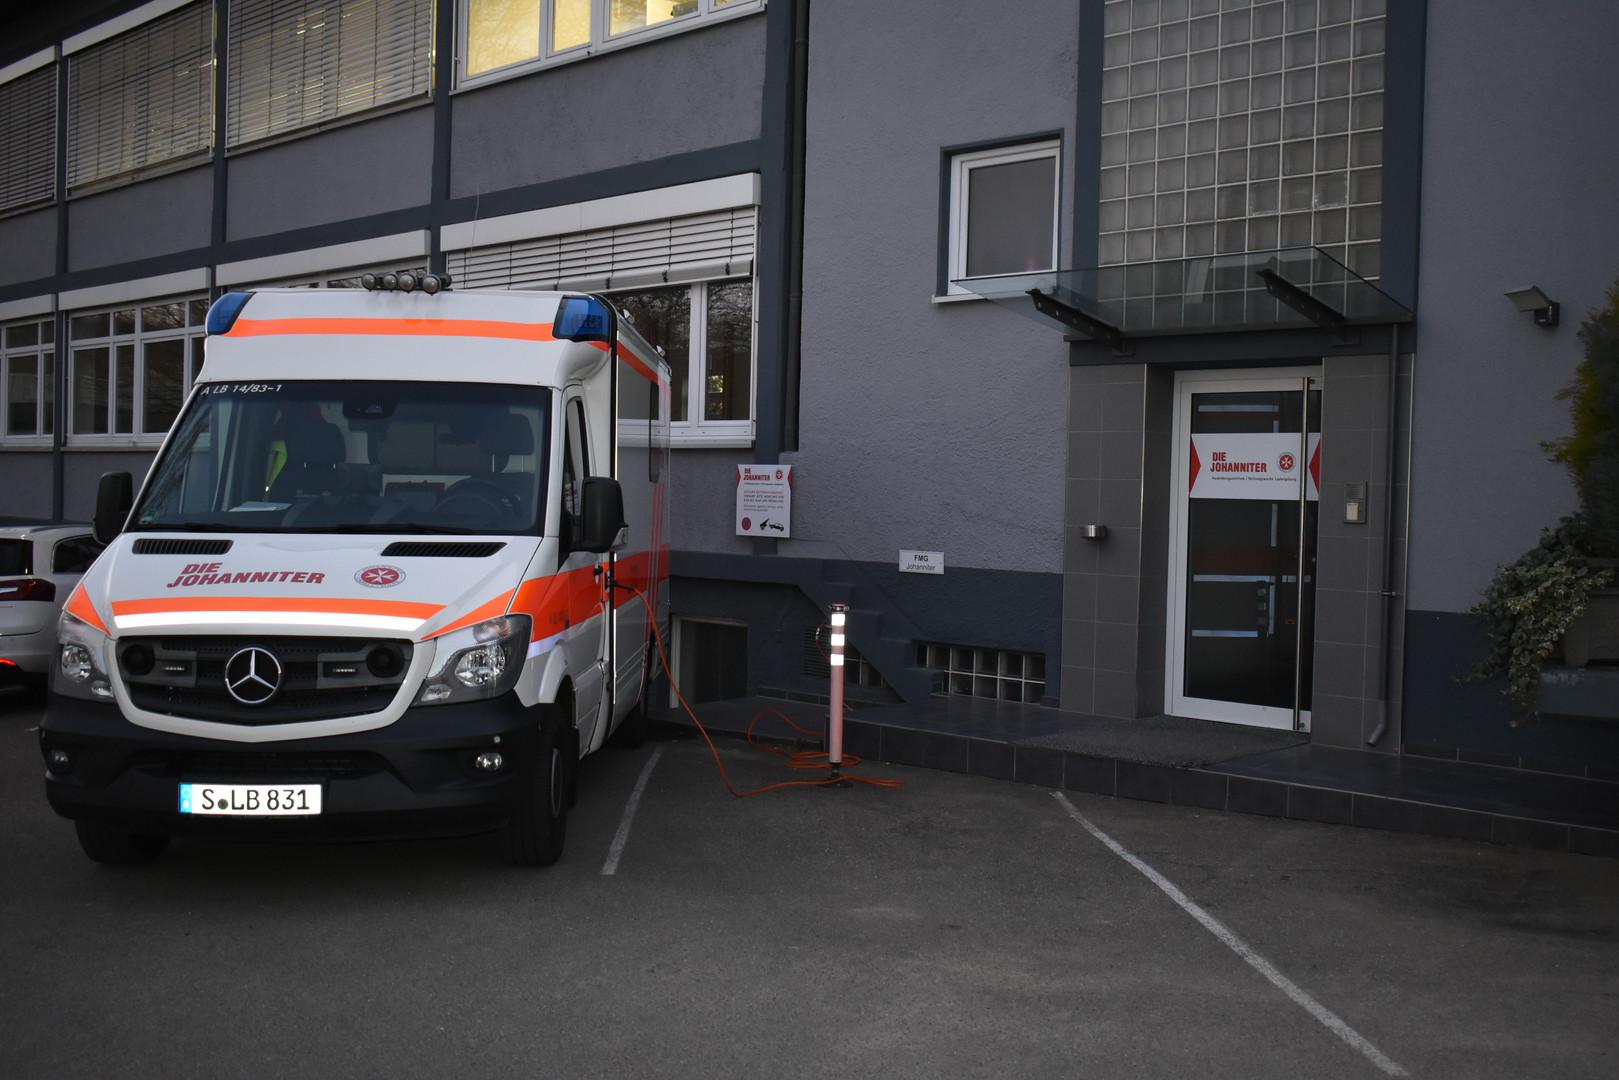 Rettungswache 14 LB-Neckarweihingen (JUH)